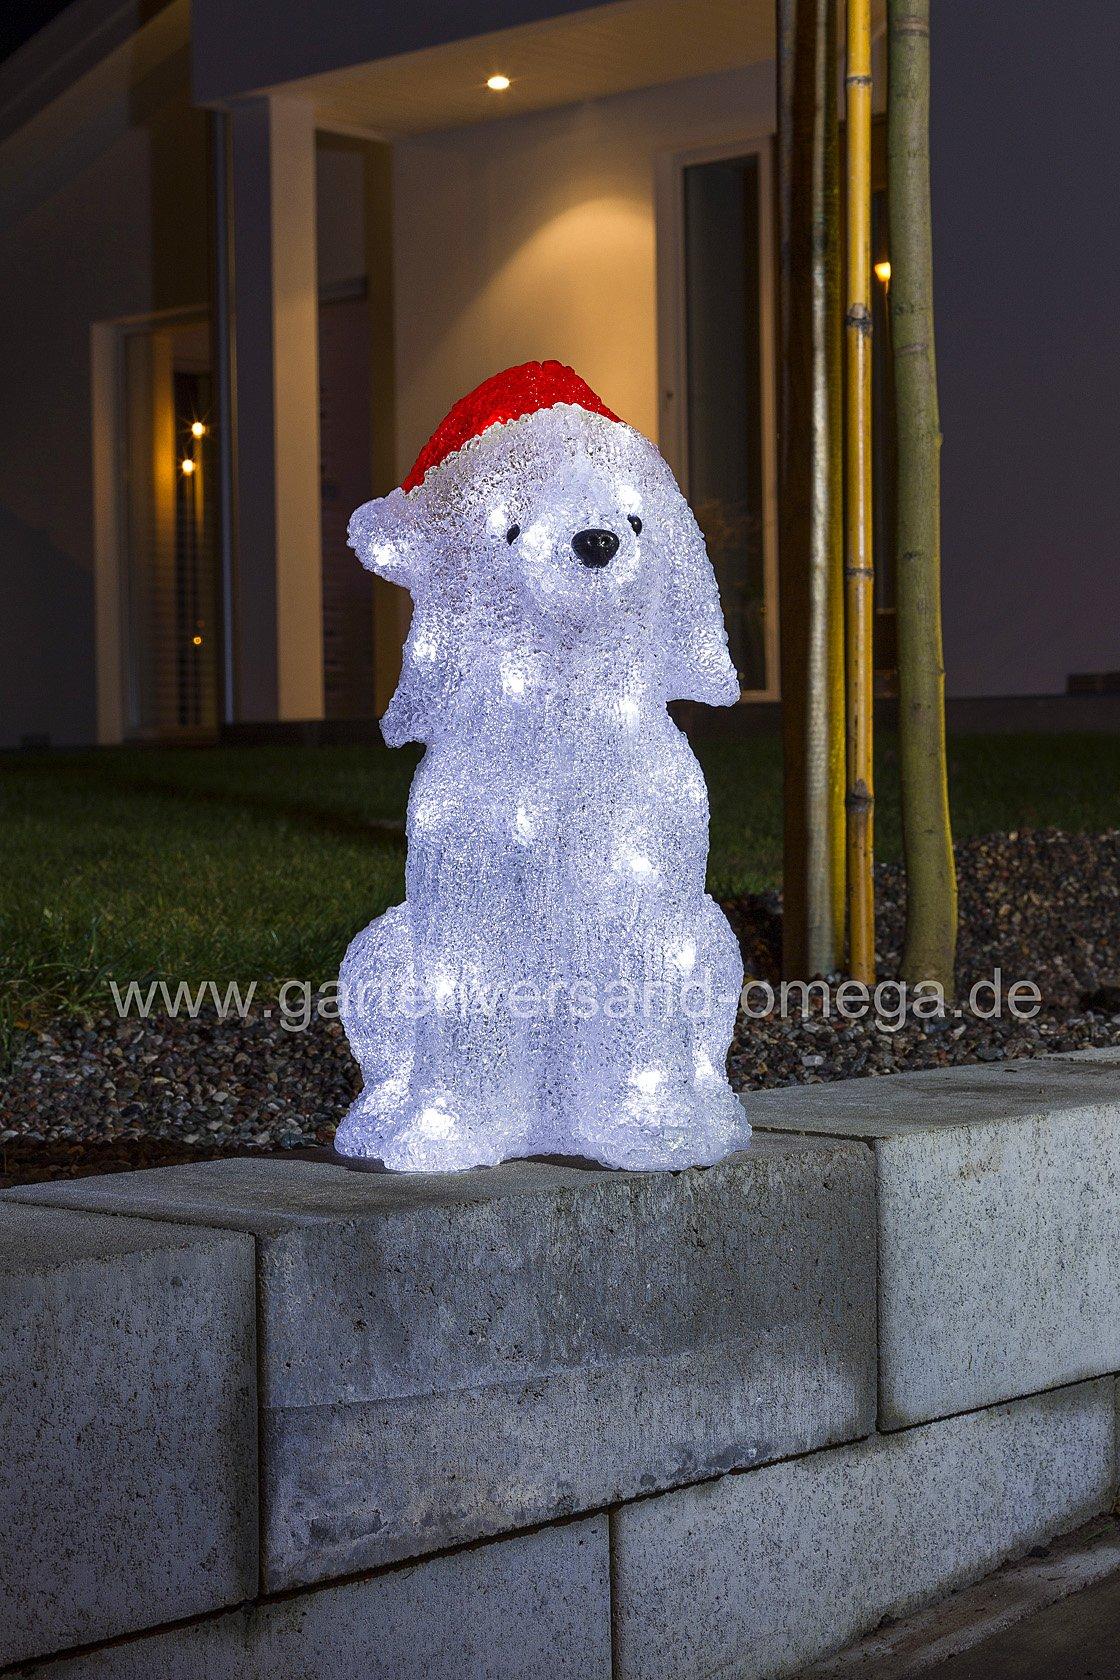 led weihnachtsau enfigur hund mit m tze beleuchtete weihnachtsdekoration f r drau en. Black Bedroom Furniture Sets. Home Design Ideas